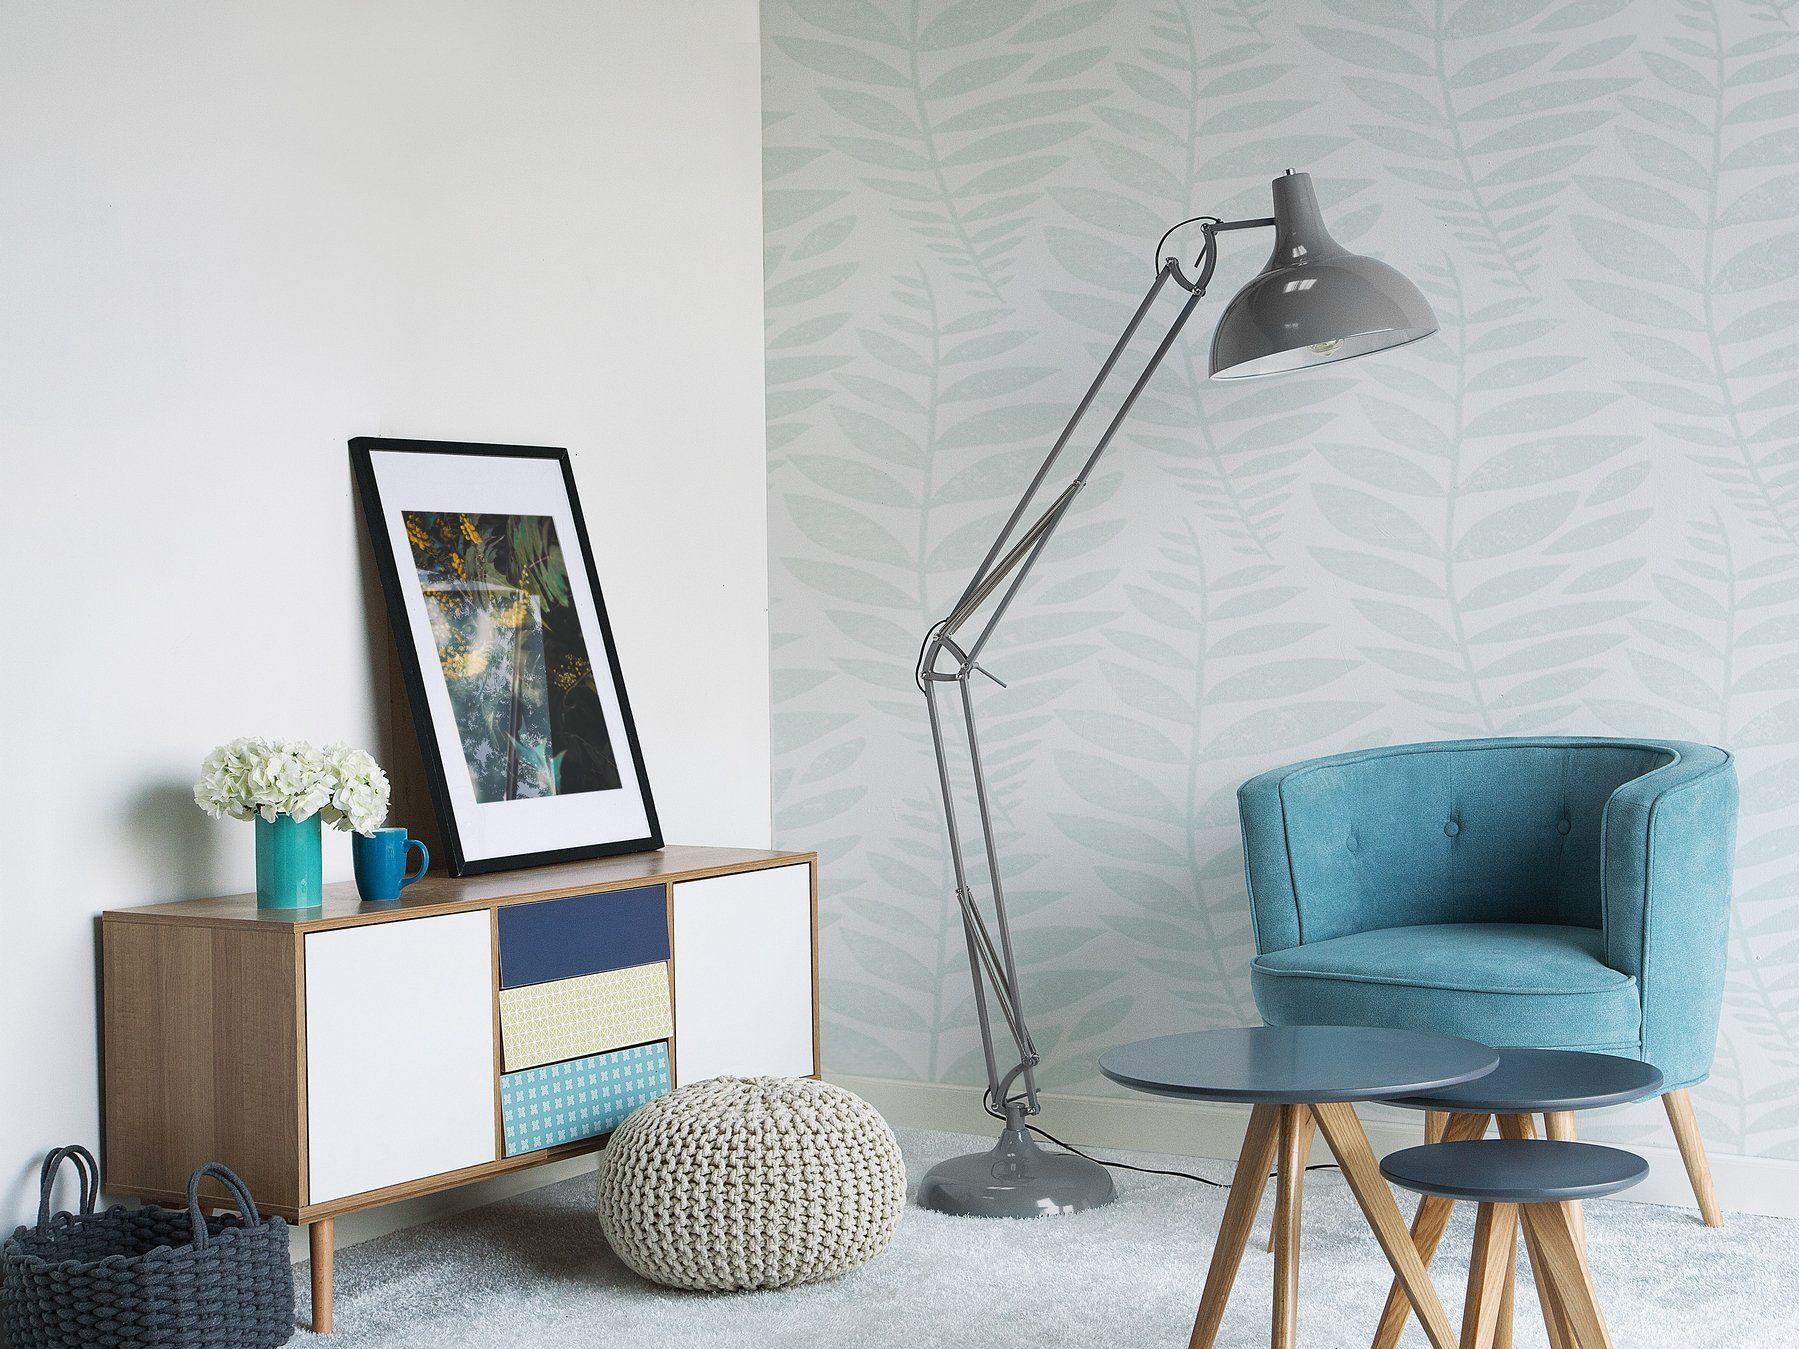 Stehlampe Grau 175 Cm Parana Stehlampe Grau Wohnzimmer Bodenbelag Modernes Wohnzimmer